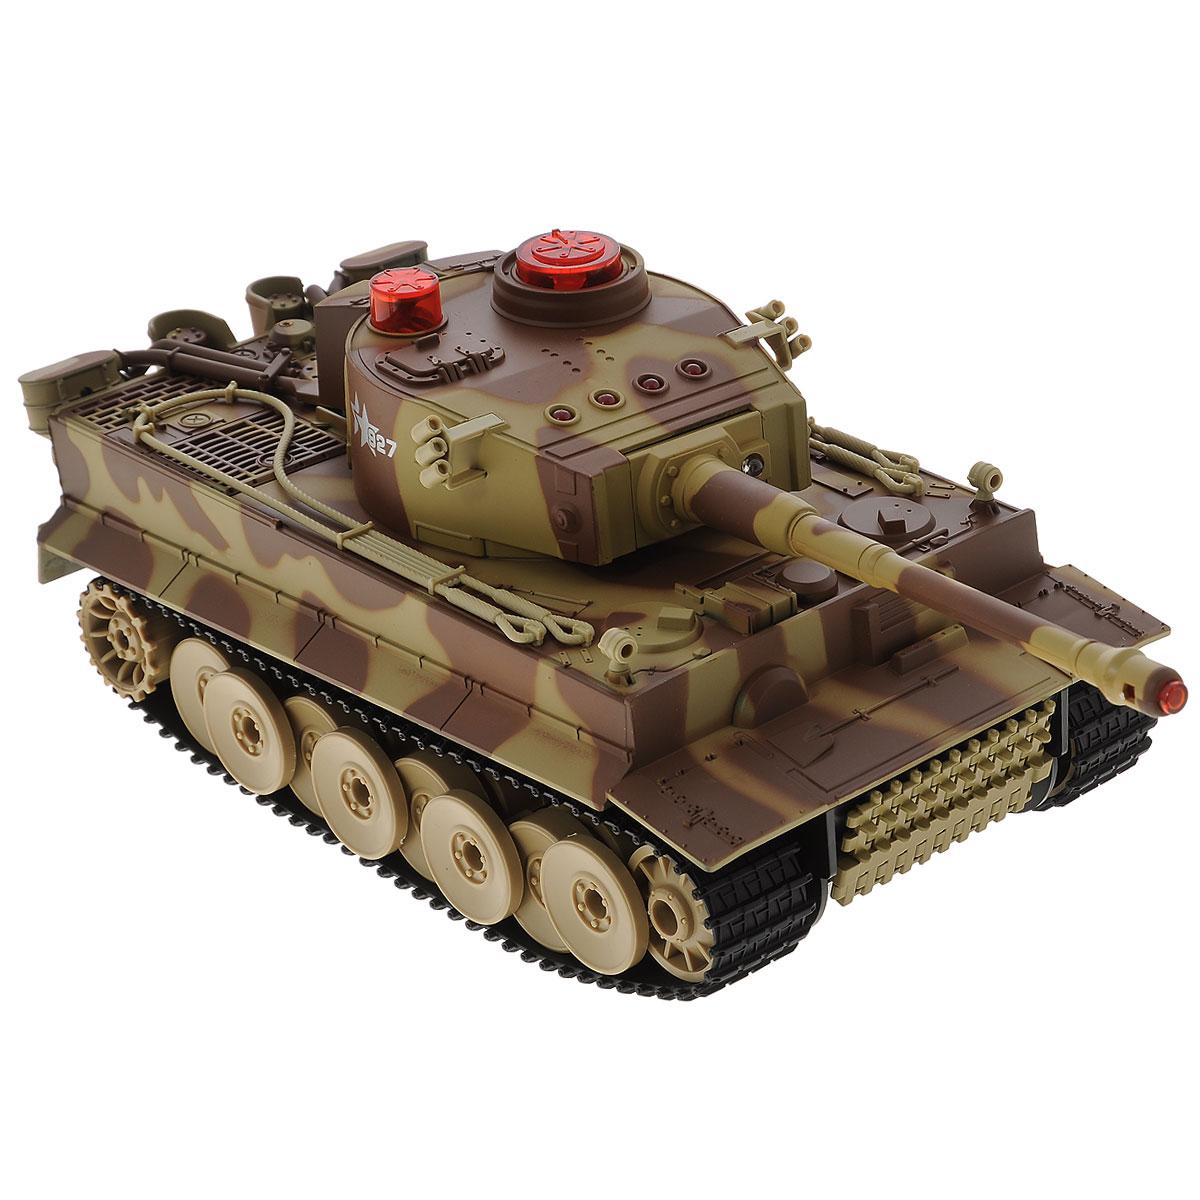 ABtoys Танк на радиоуправлении C-00058 цвет хаки радиоуправляемый танк abtoys с инфракрасным наведением звук свет c 00058 518